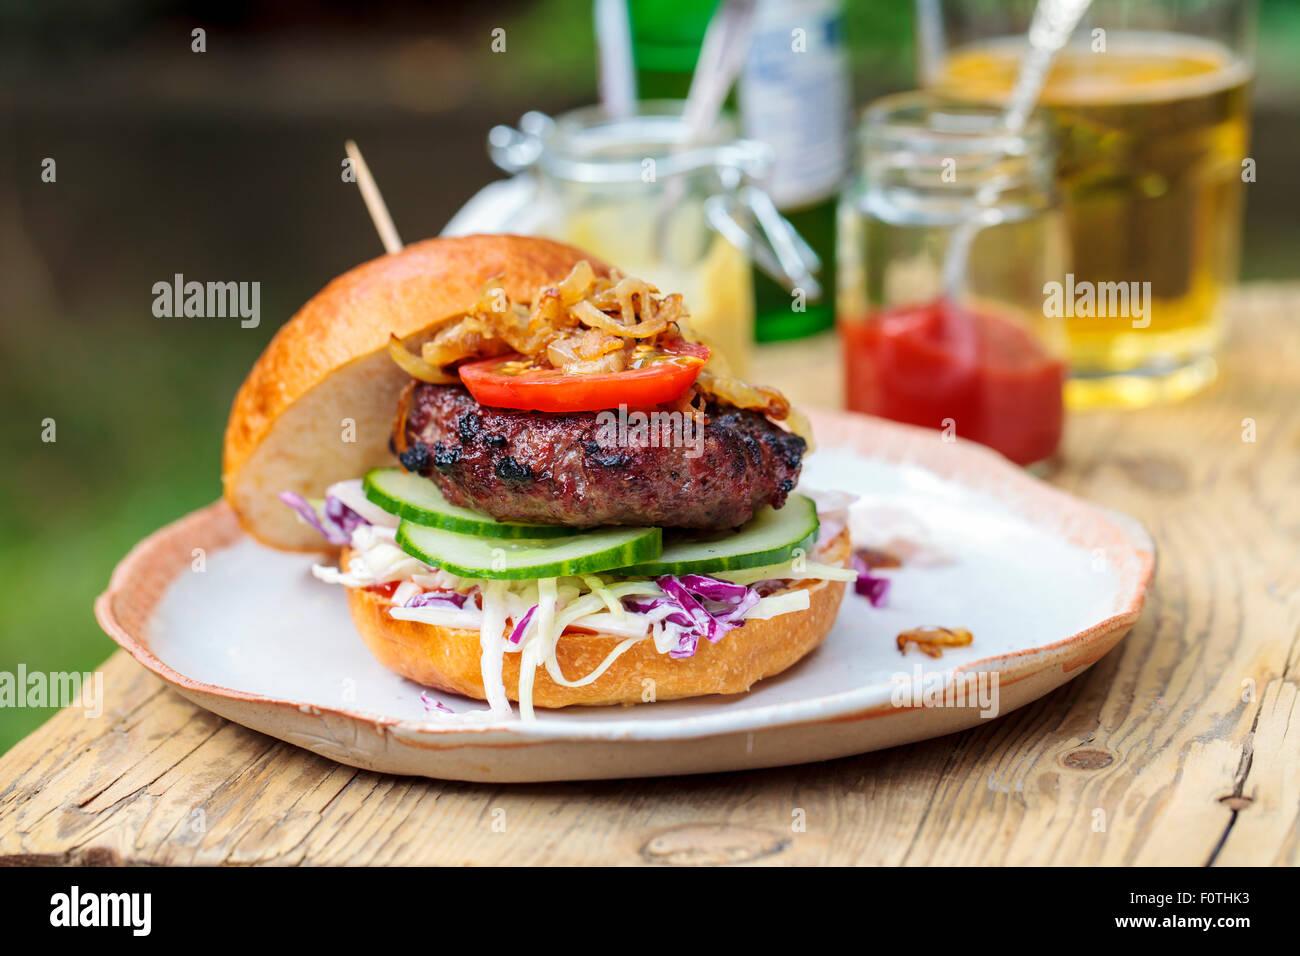 Burger Gourmet Photo Stock